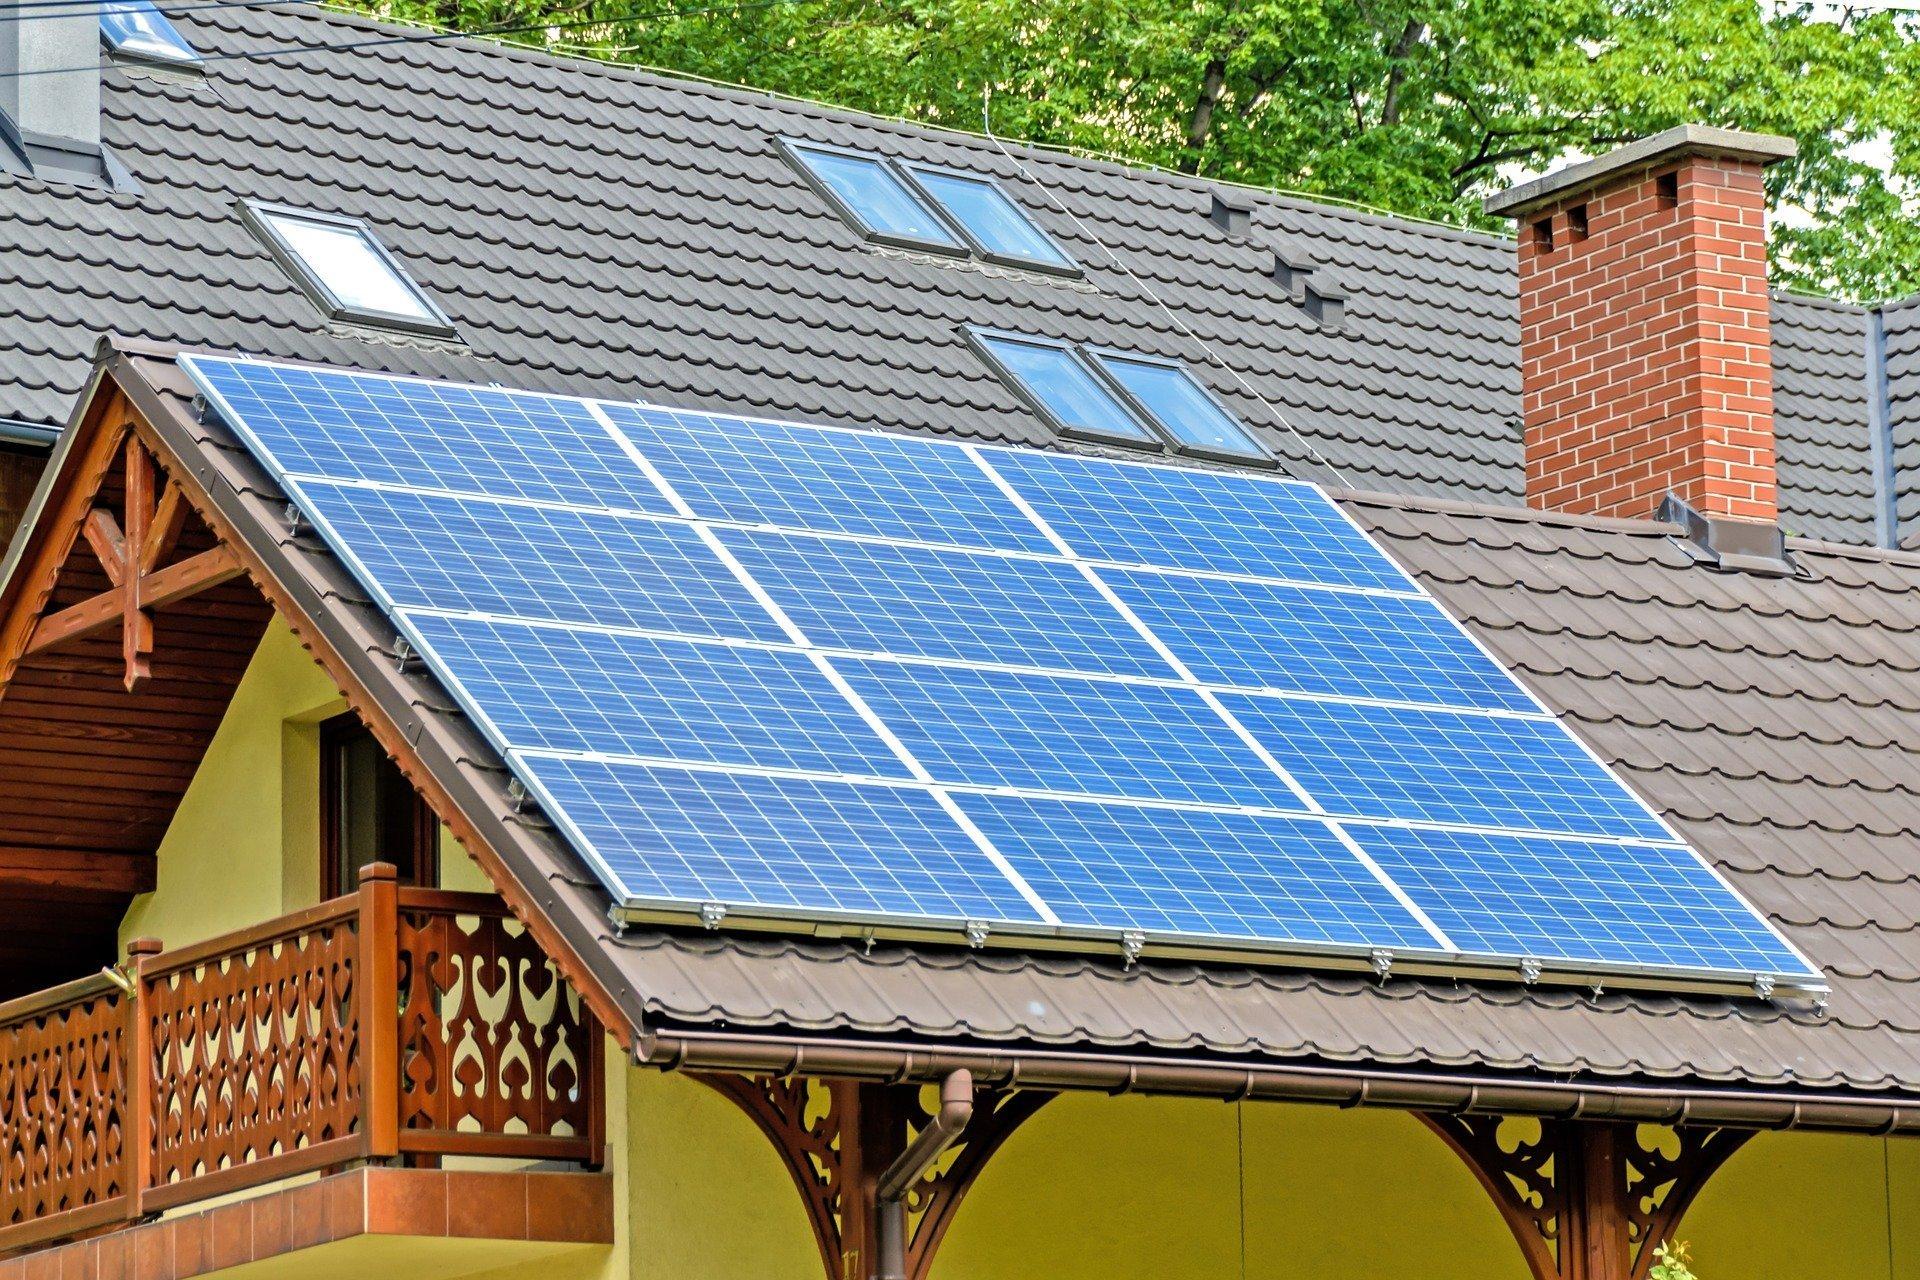 Přemýšleli jste někdy o tom, že byste si na střeše svého domu udělali vlastní solární elektrárnu? V tom případě je právě teď ten ideální čas. Dotační program Nová zelená úsporám začíná nově podporovat i větší solární elektrárny, přičemž můžete o tento příspěvek zažádat i v případě, kdy ve své domácnosti již solární elektrárnu máte, ale chcete ji rozšířit. Částka, kterou dostanete, se může dostat až na 155 tisíc korun.